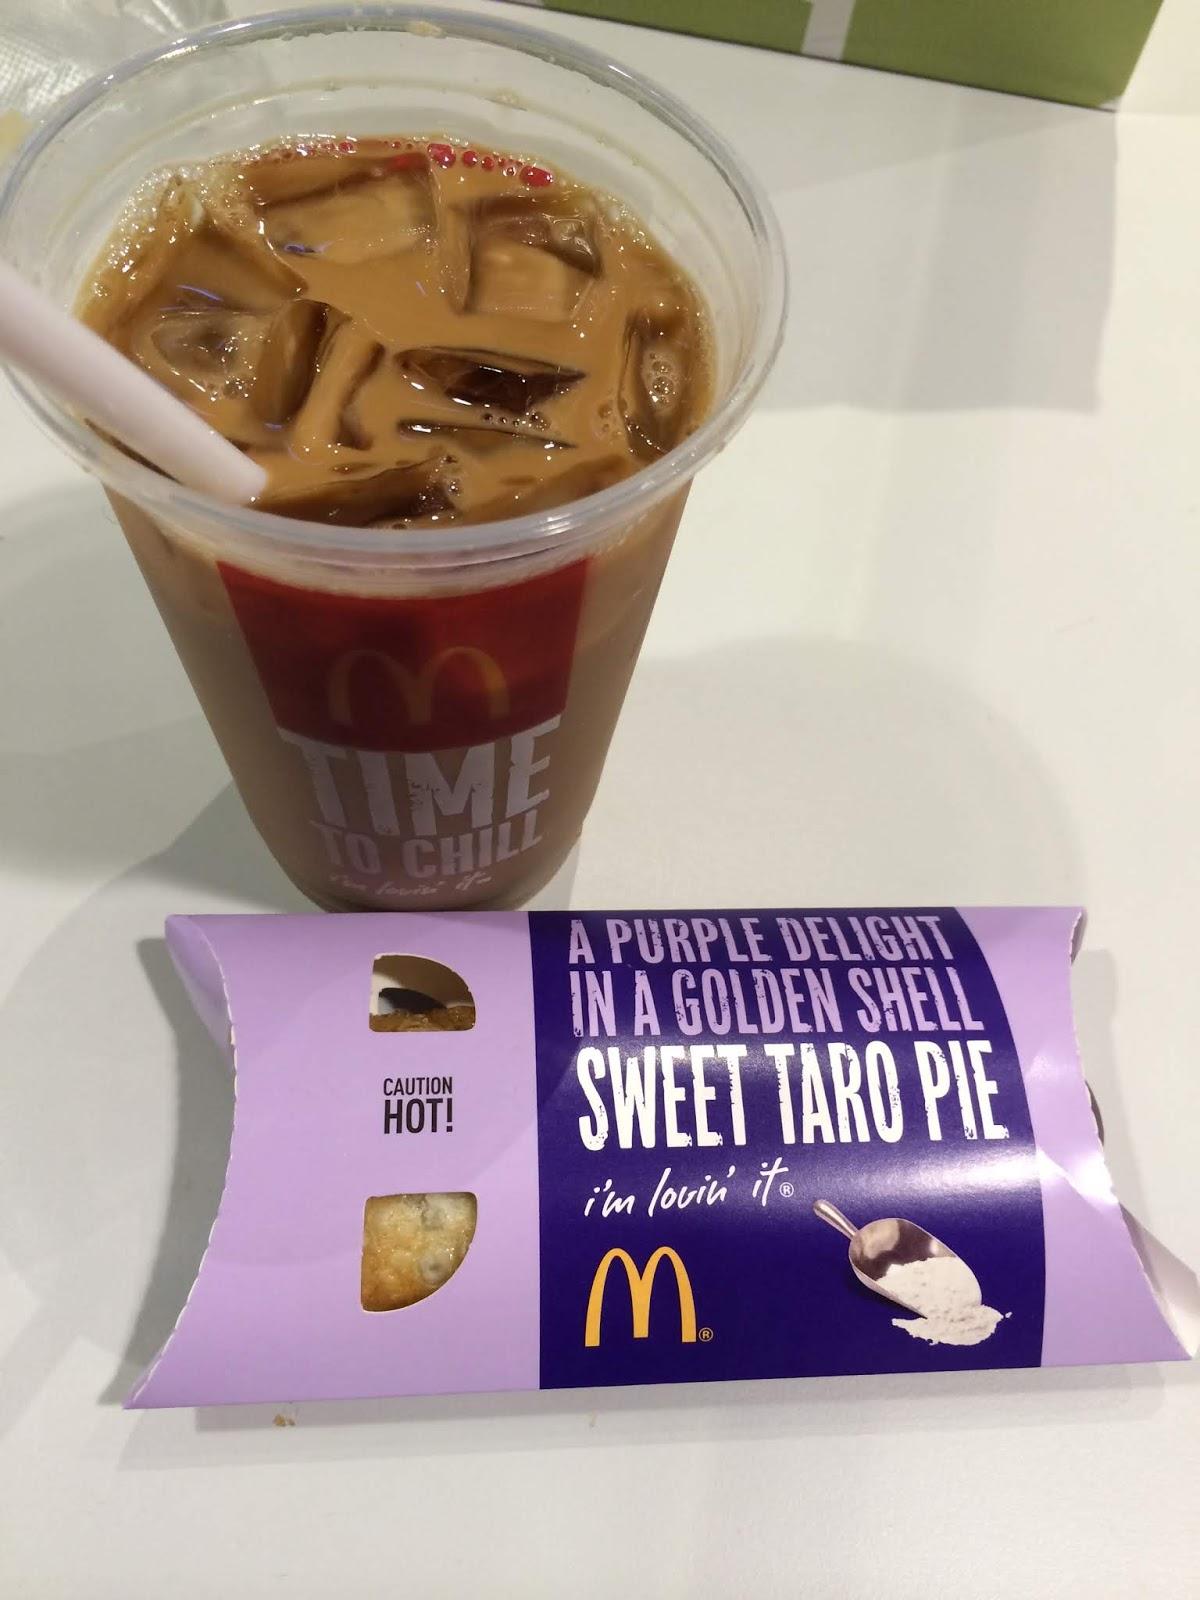 Hong-Kong-McDonalds-pies